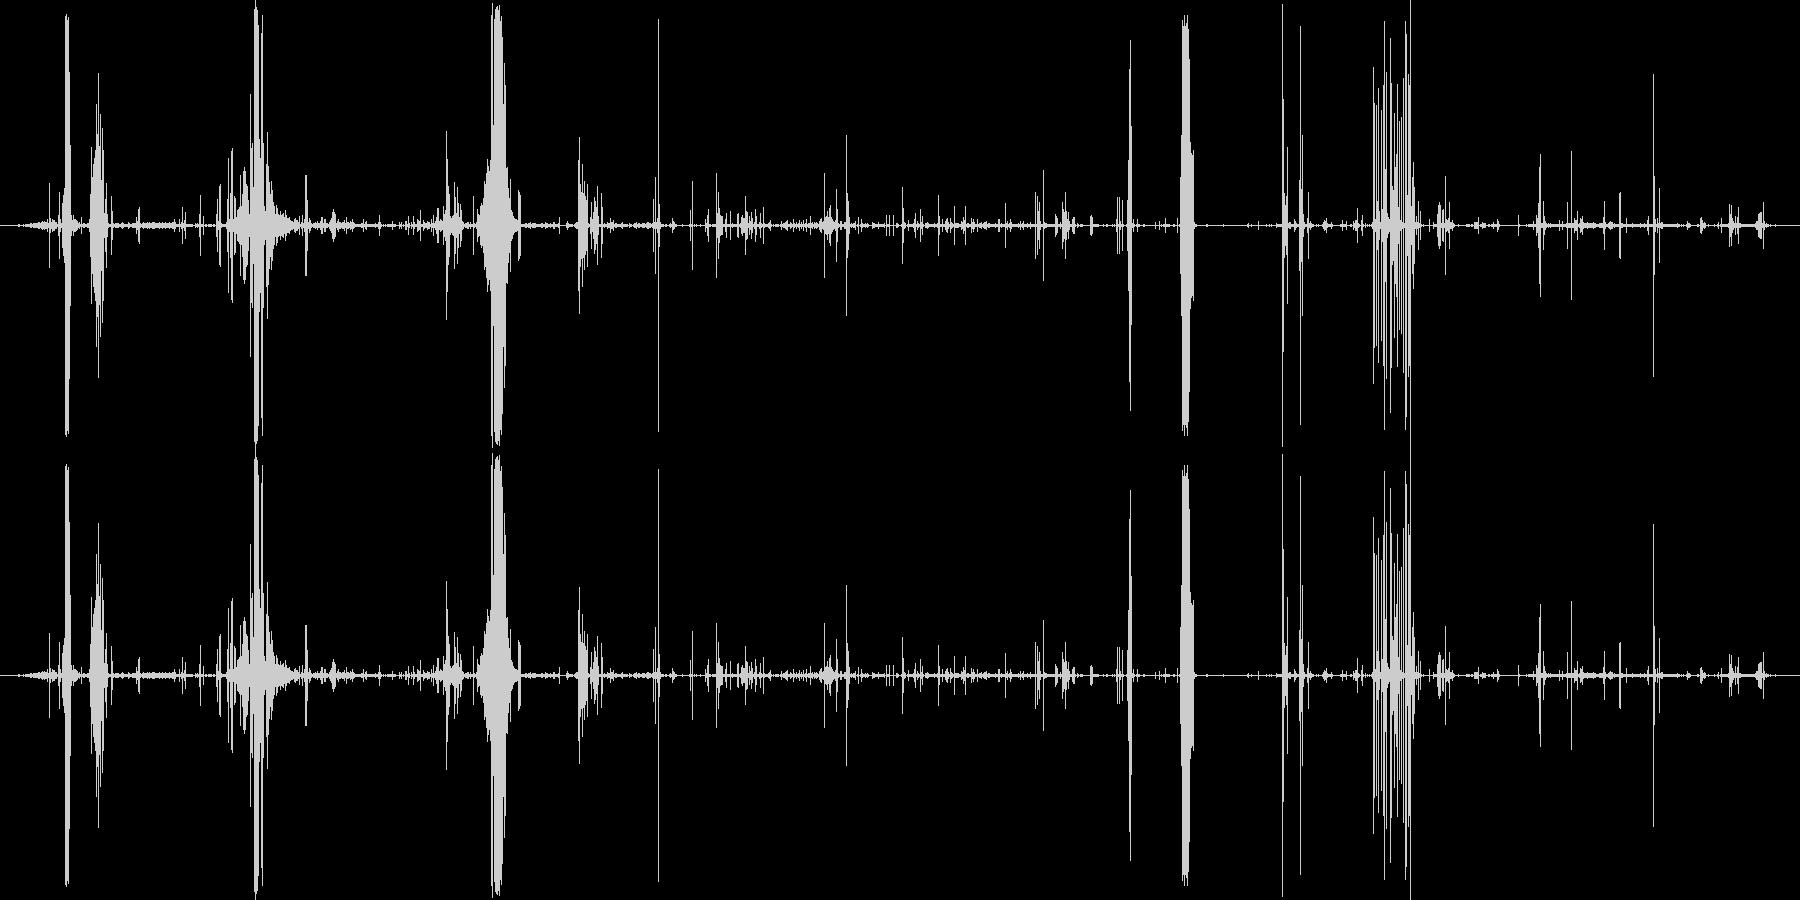 モンスター 肉食が遅い03の未再生の波形